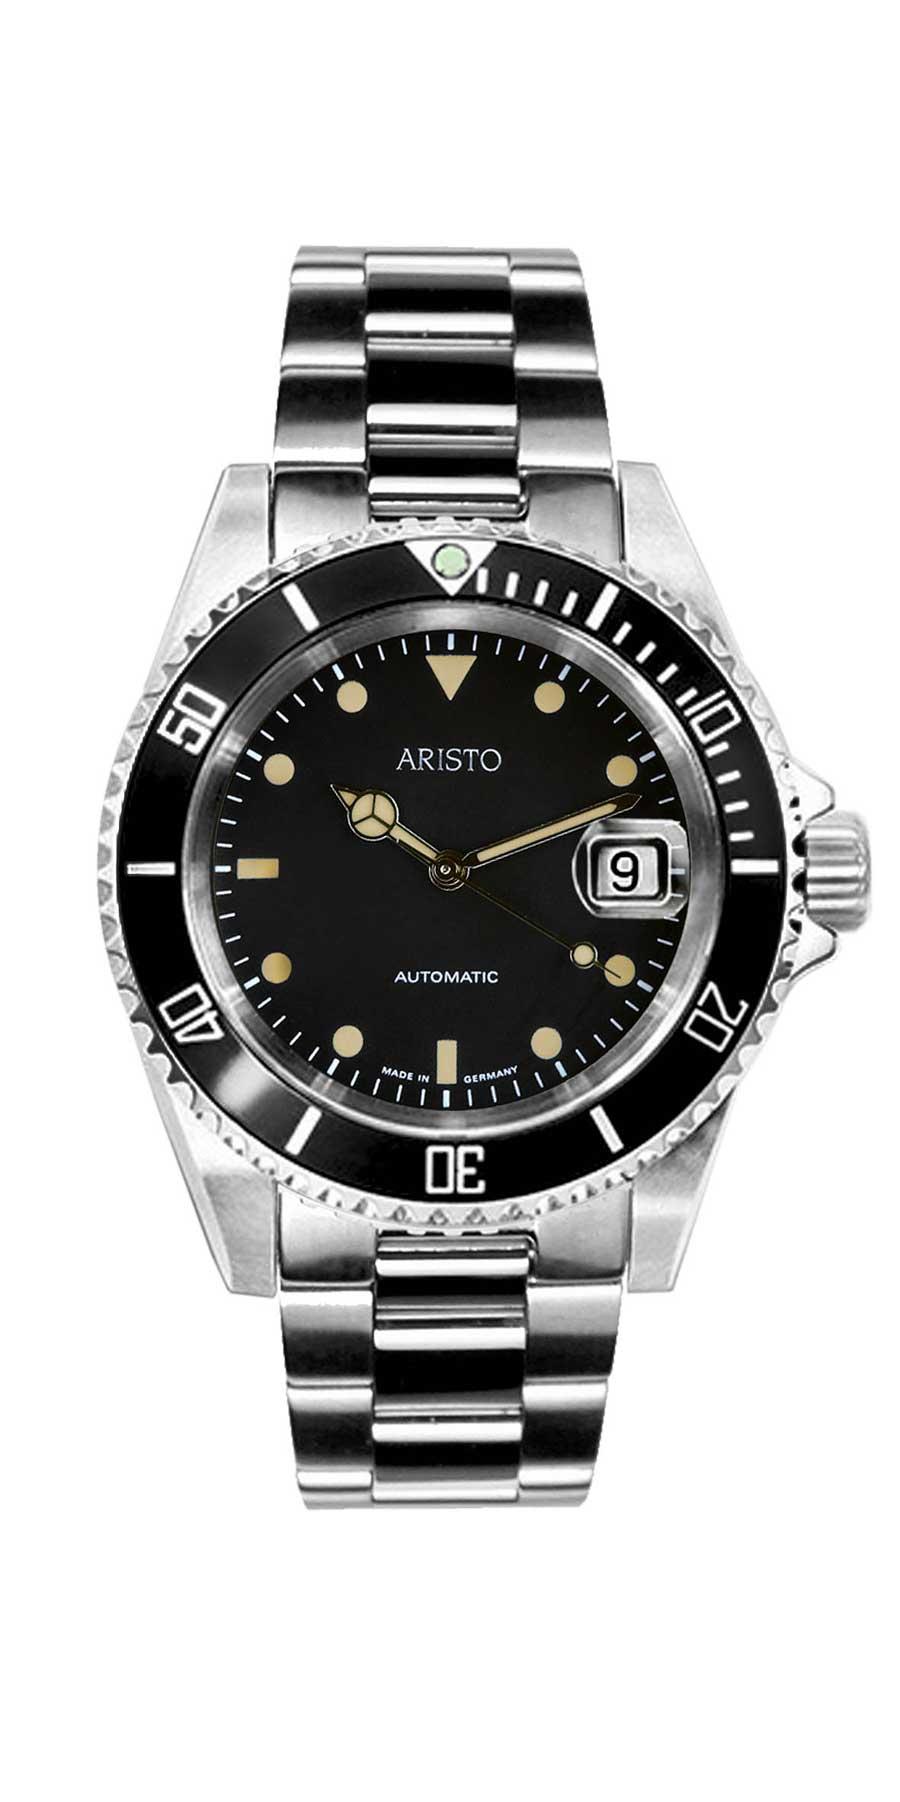 Aristo Taucher Vintage 4H185GB Taucheruhrenspecial 2020